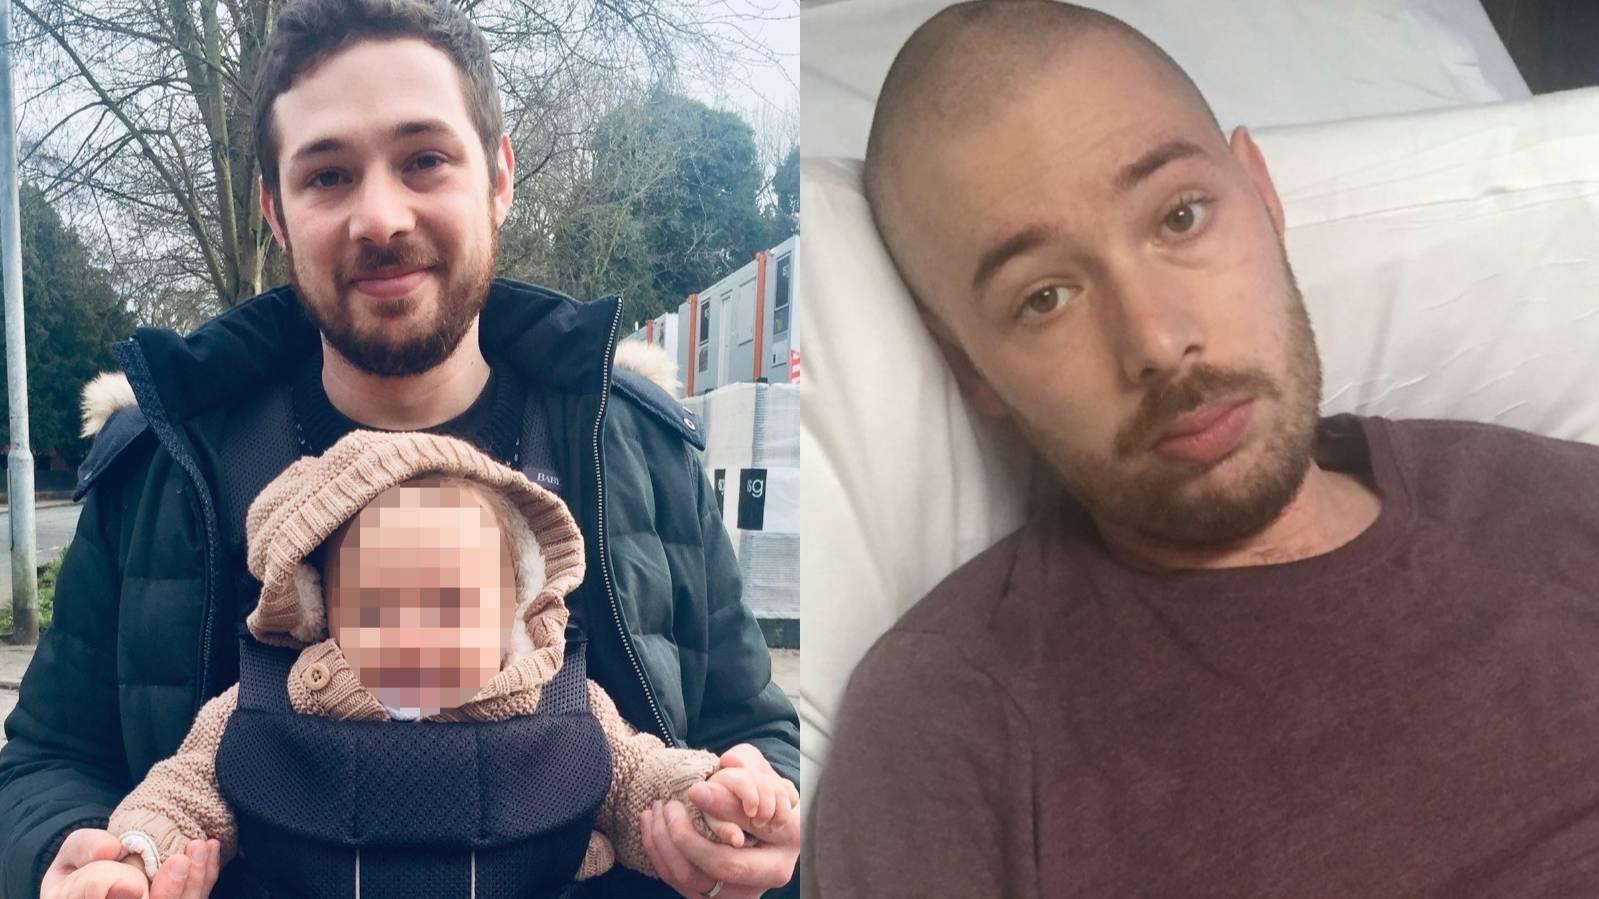 Папа, умирая от рака, написал для сына прощальную книгу, которая поможет малышу принять его смерть